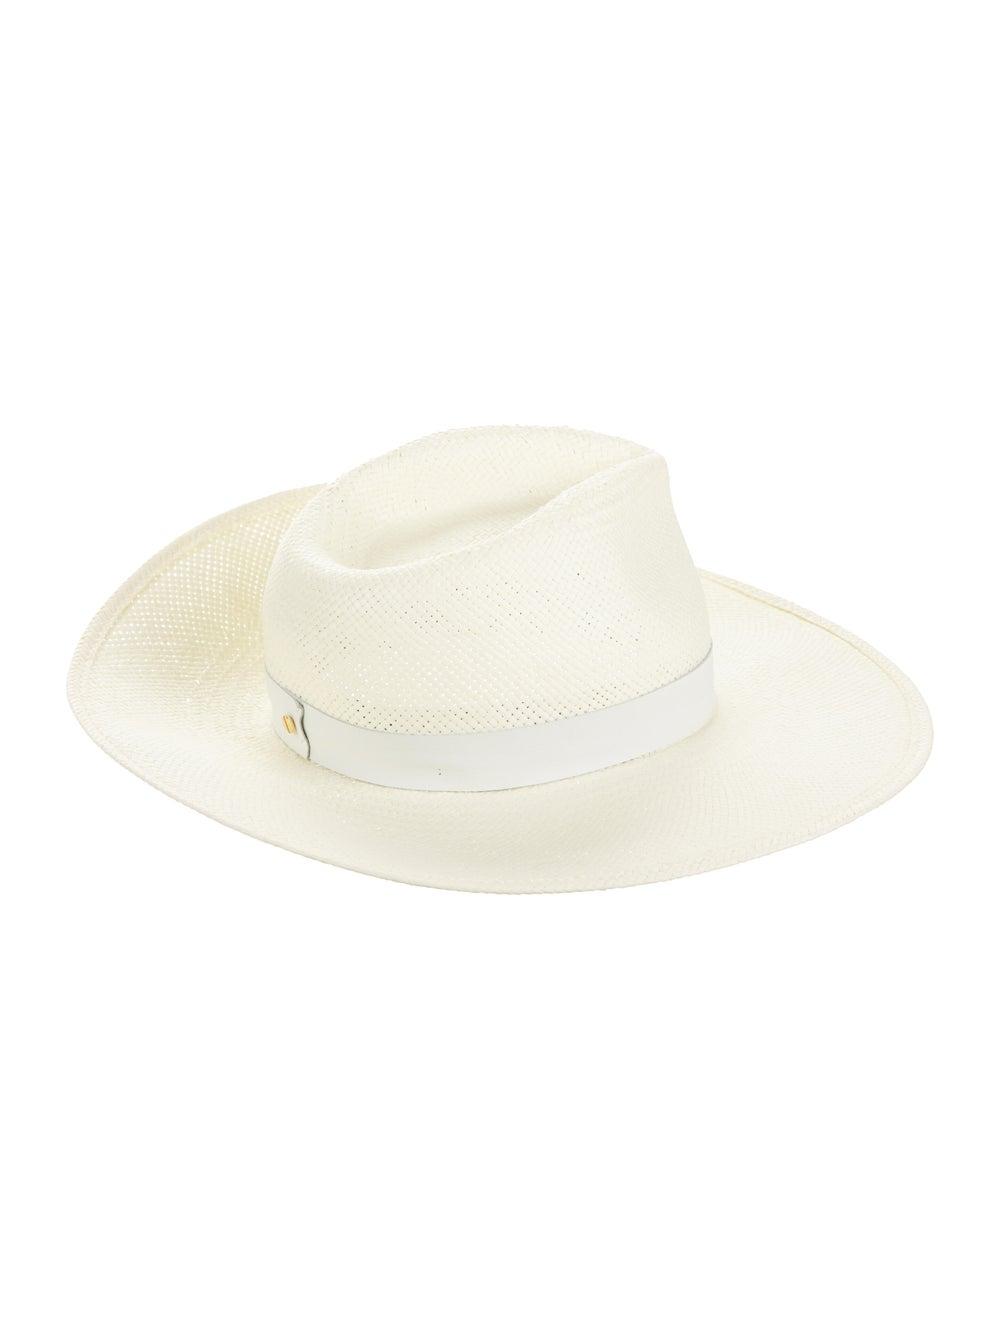 Janessa Leone Straw Wide Brim Hat White - image 2